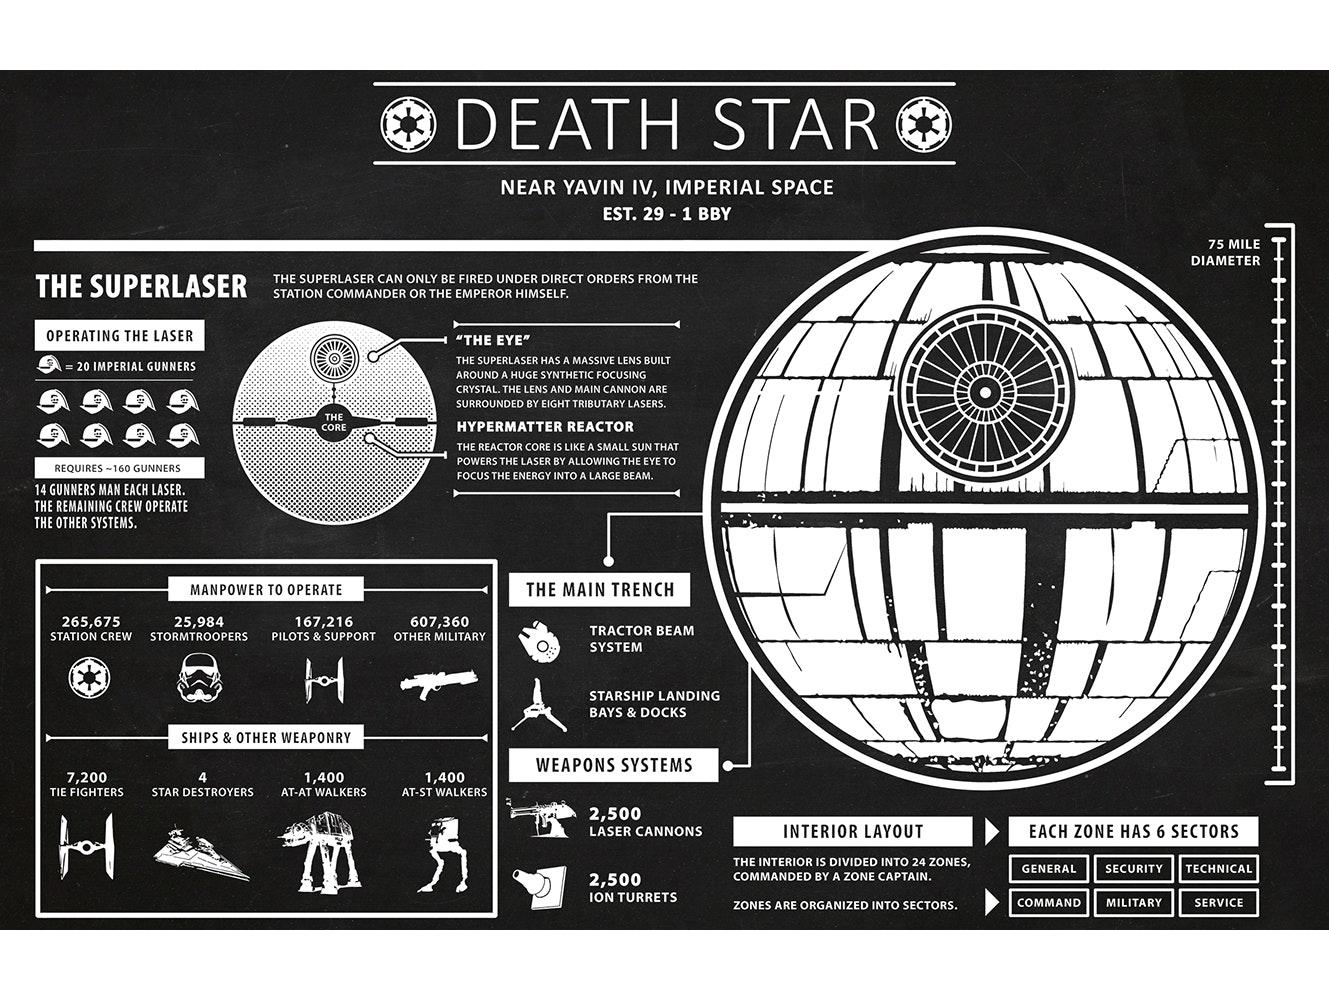 Star Wars - Death Star Infographic